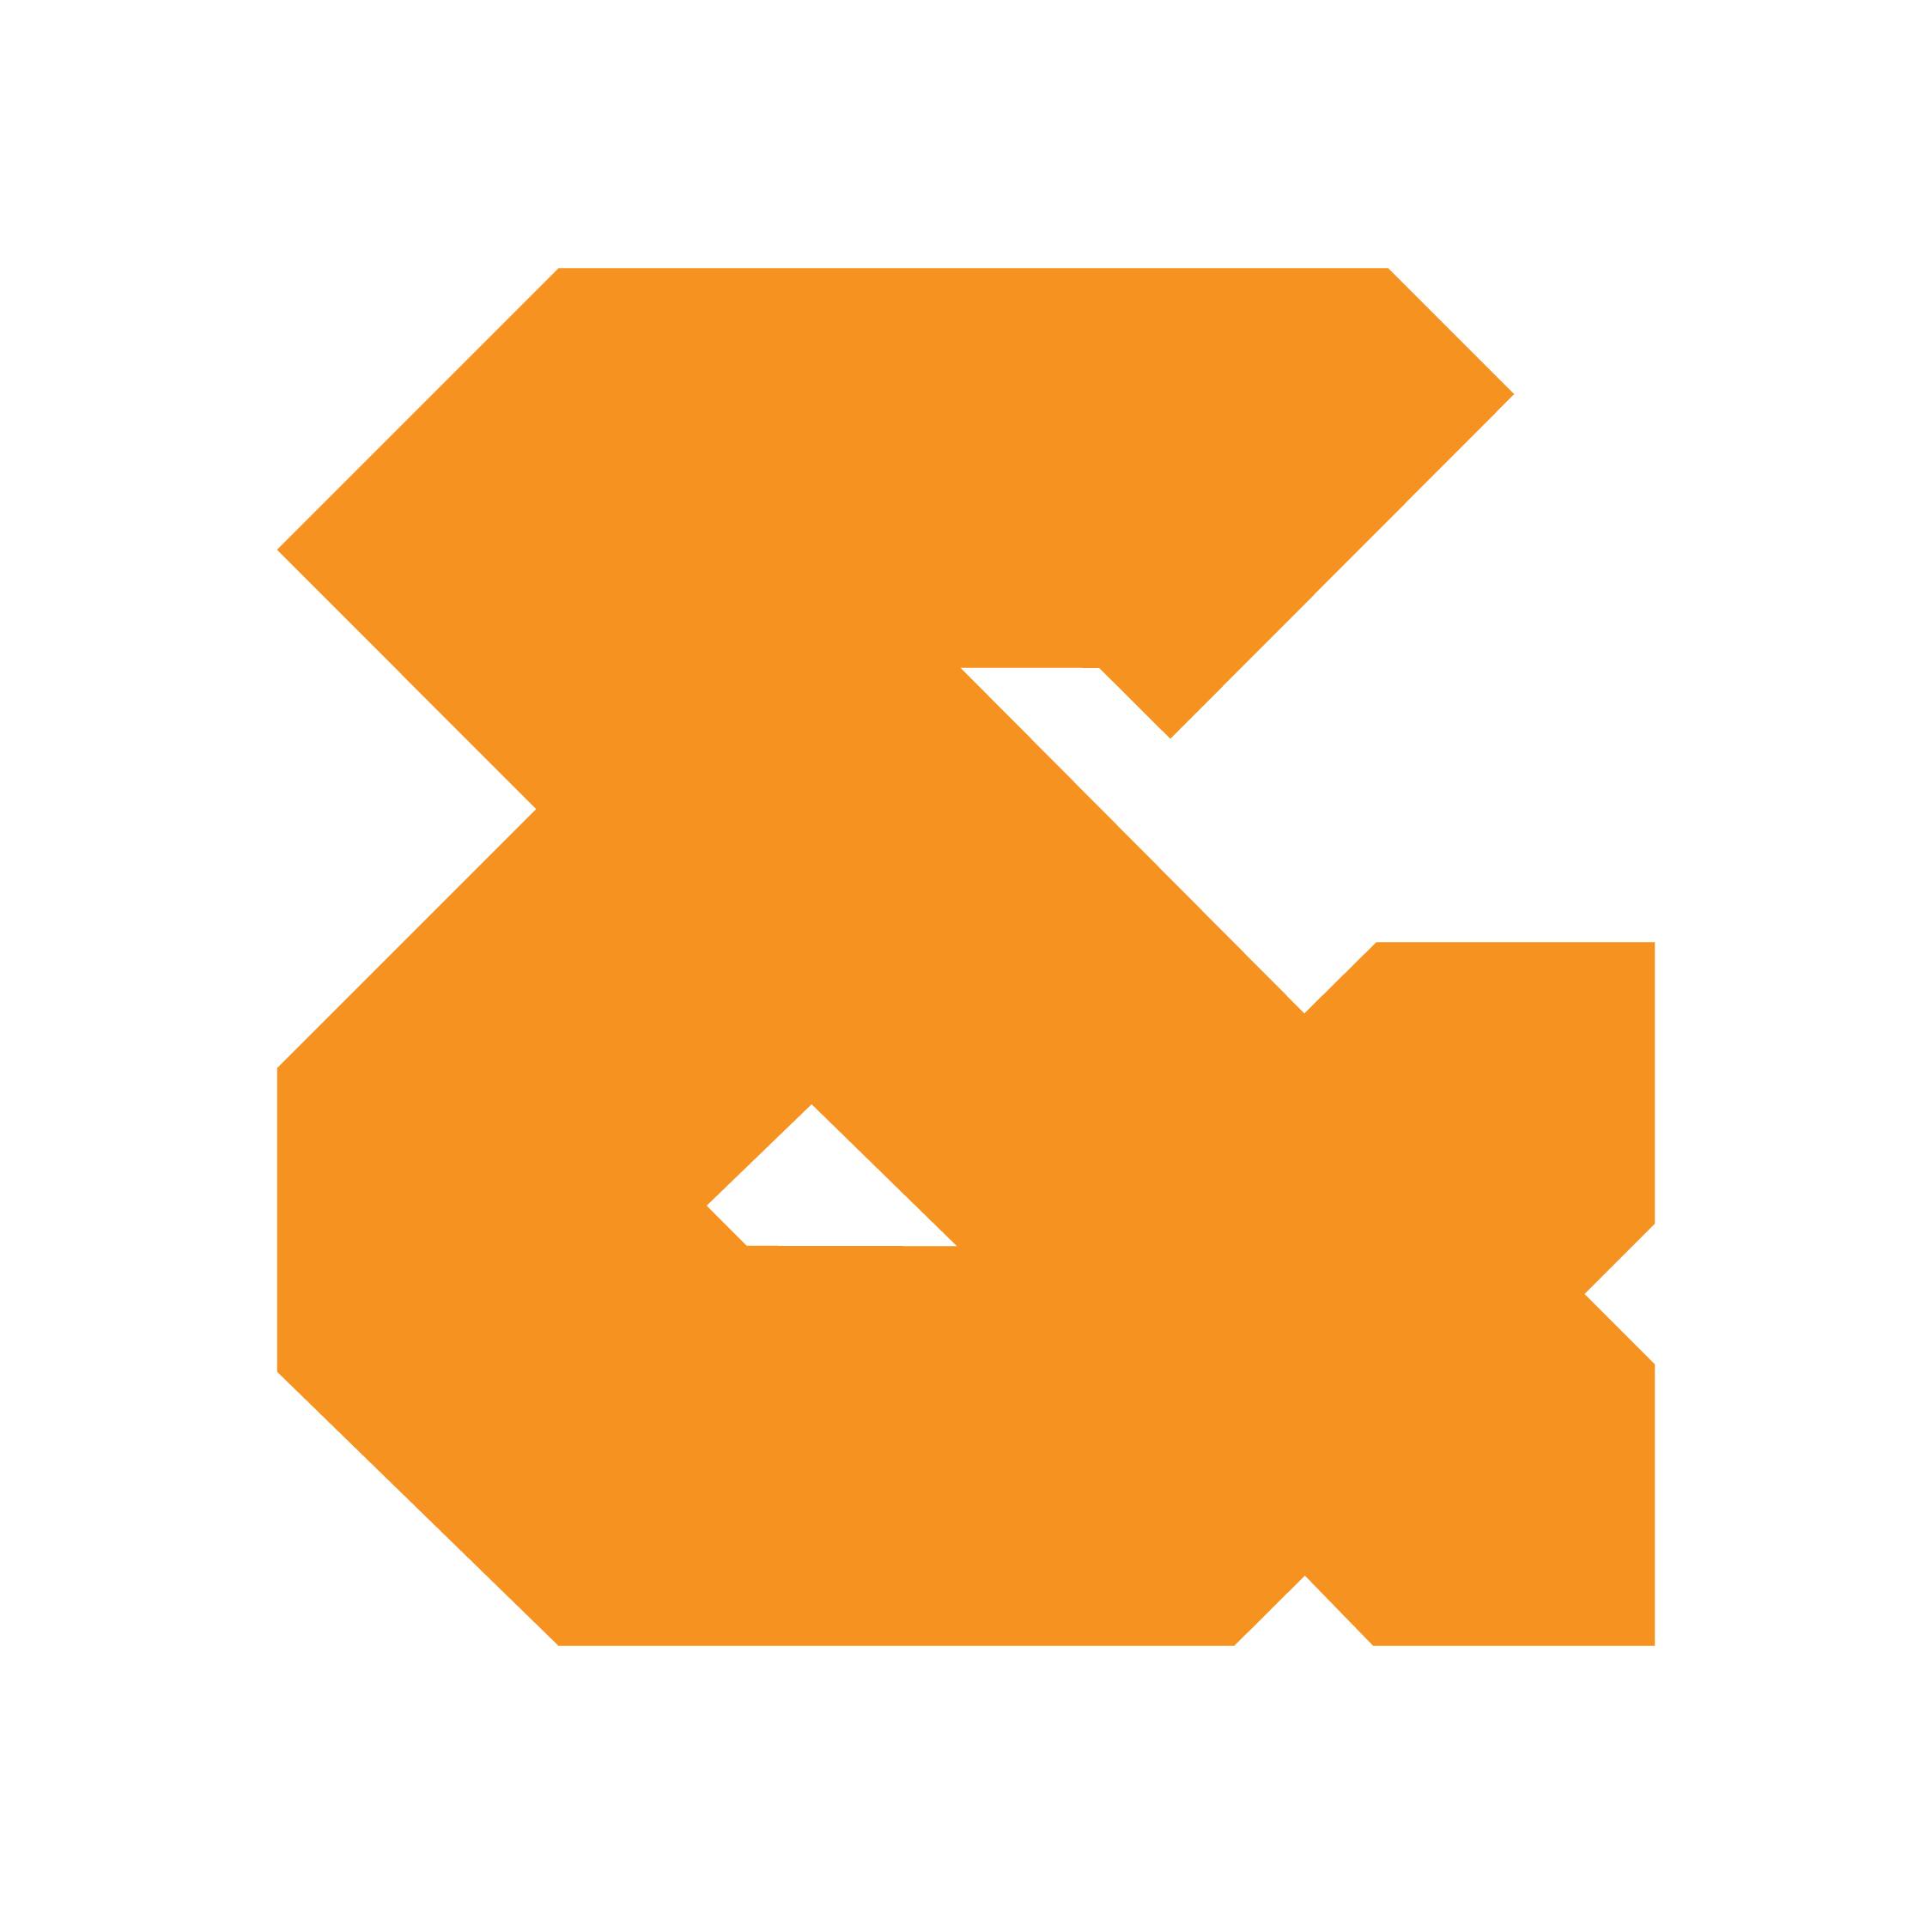 D&DM Logo – Ampersand